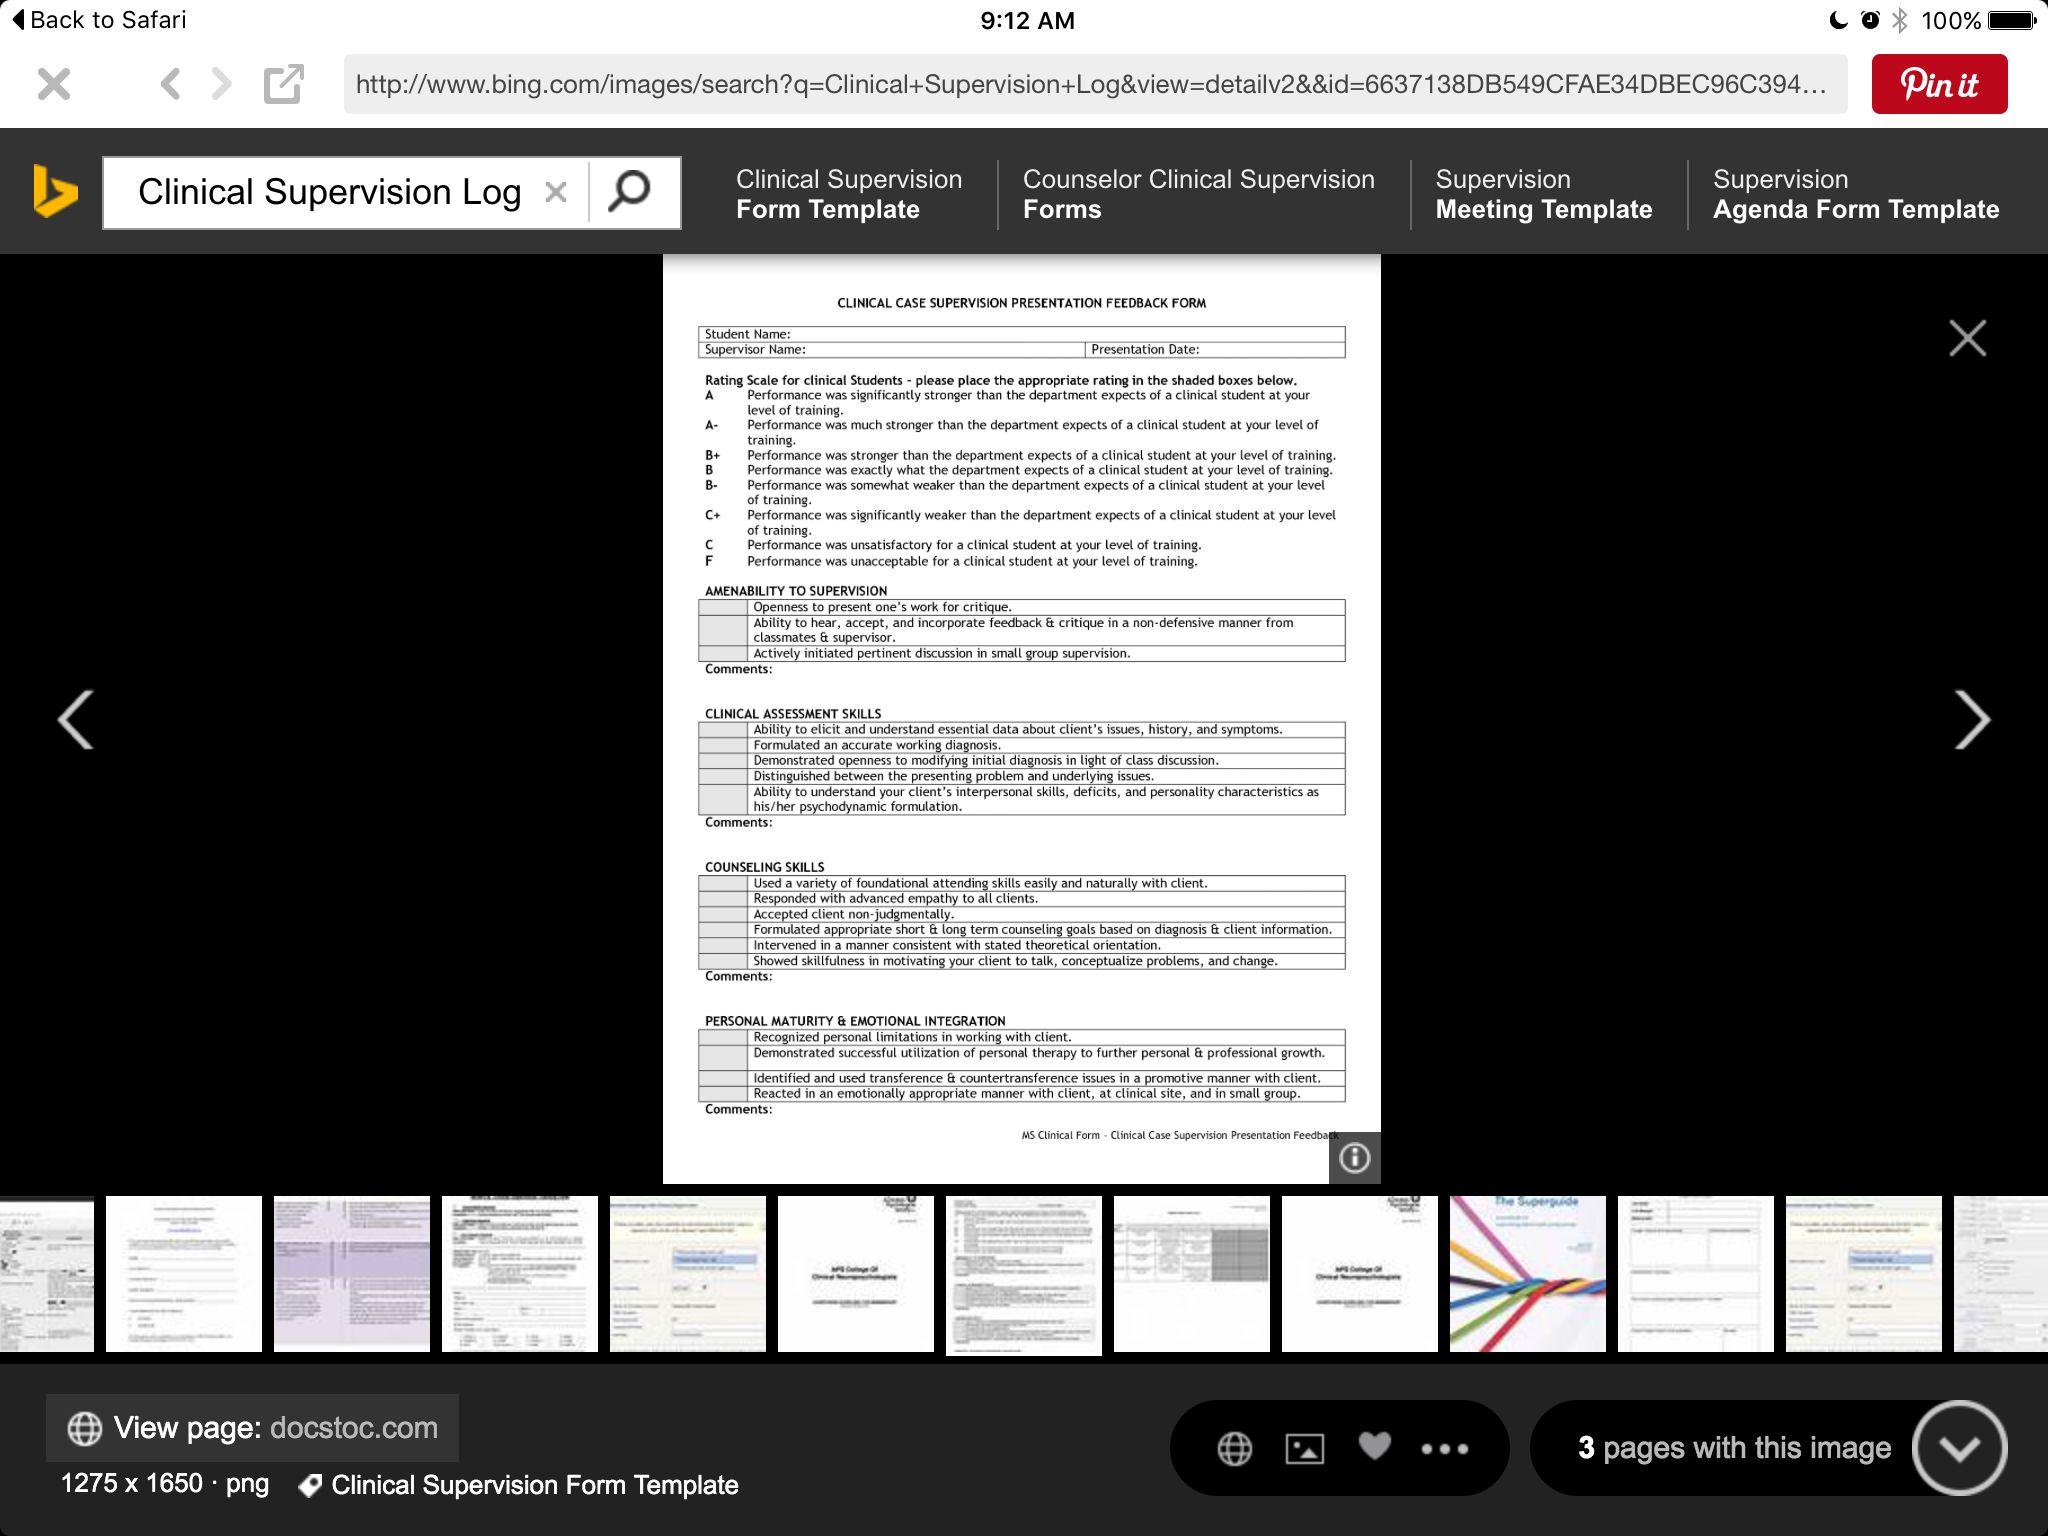 Case Presentation Feedback Form